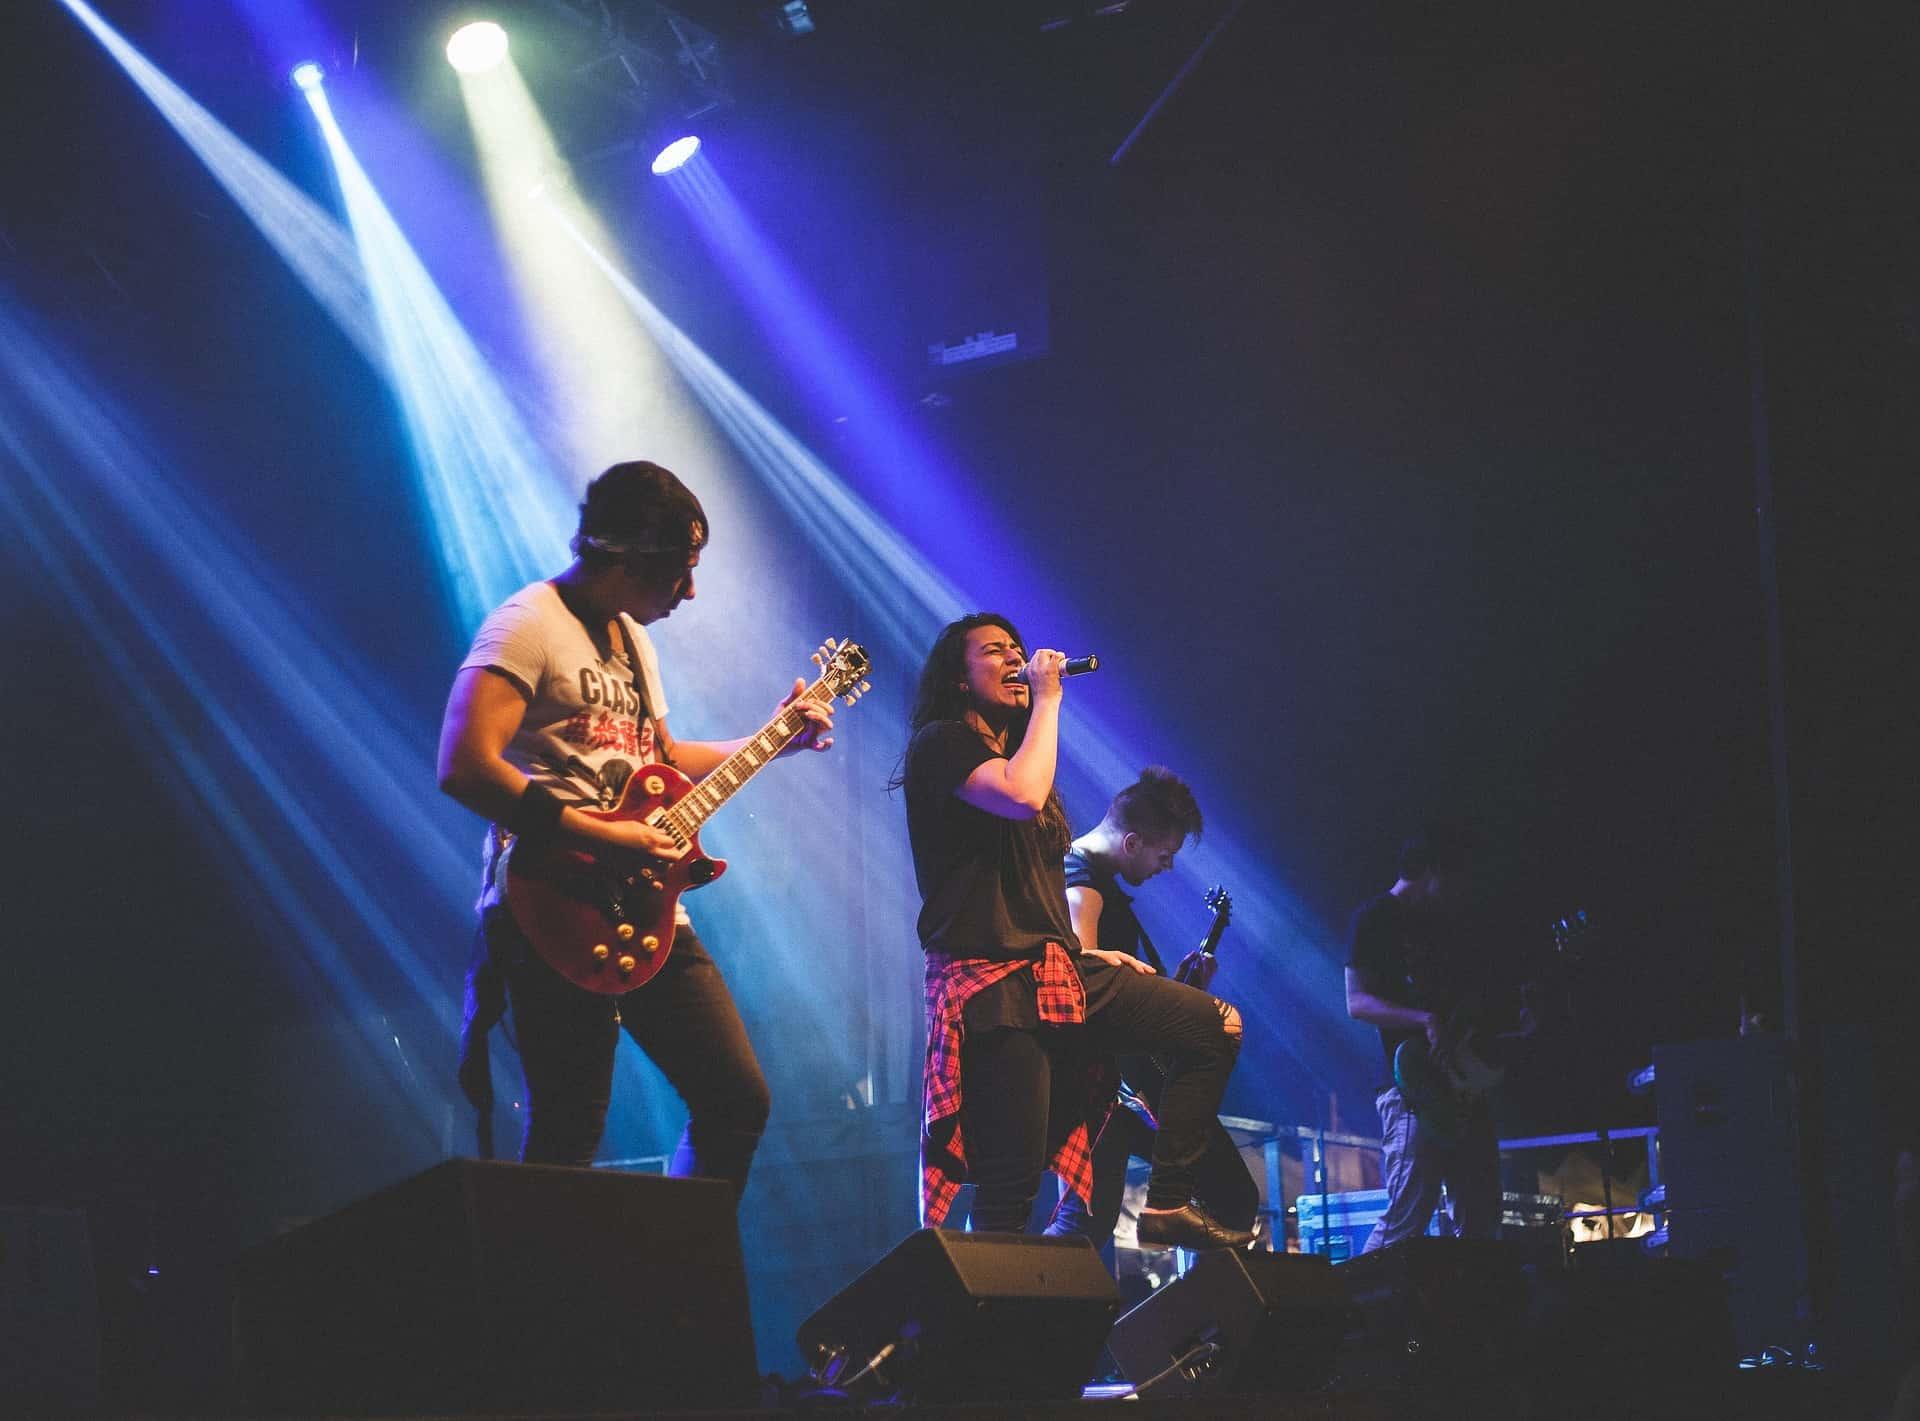 Concert-Guitar_Singer